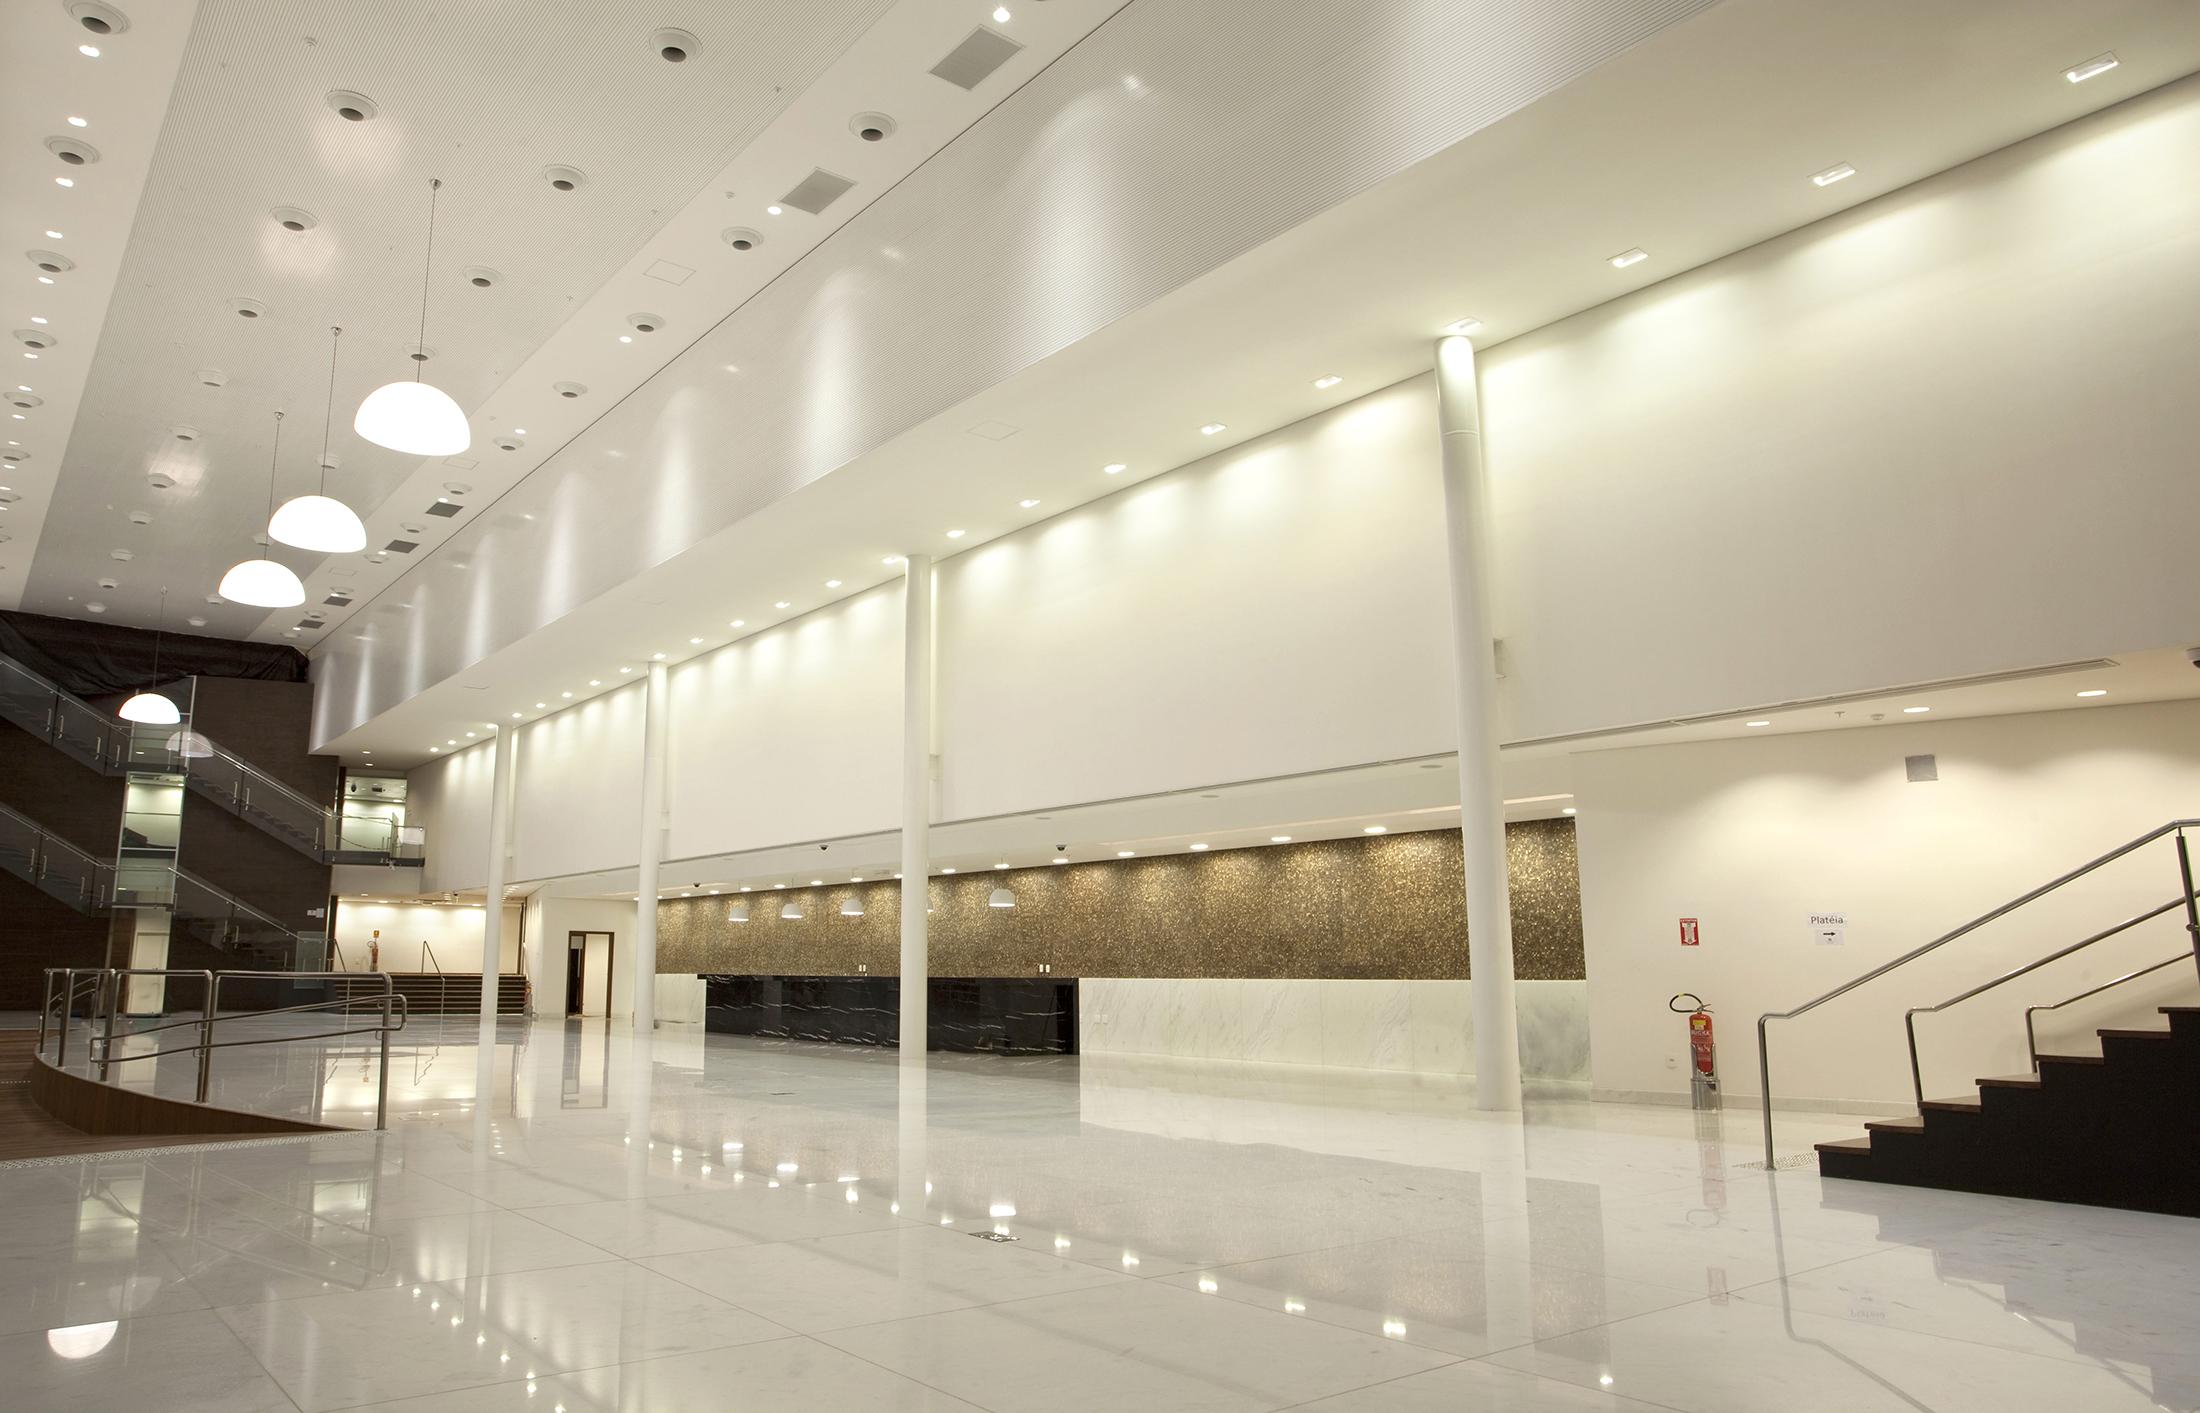 Teatro Riachuelo Slide 05